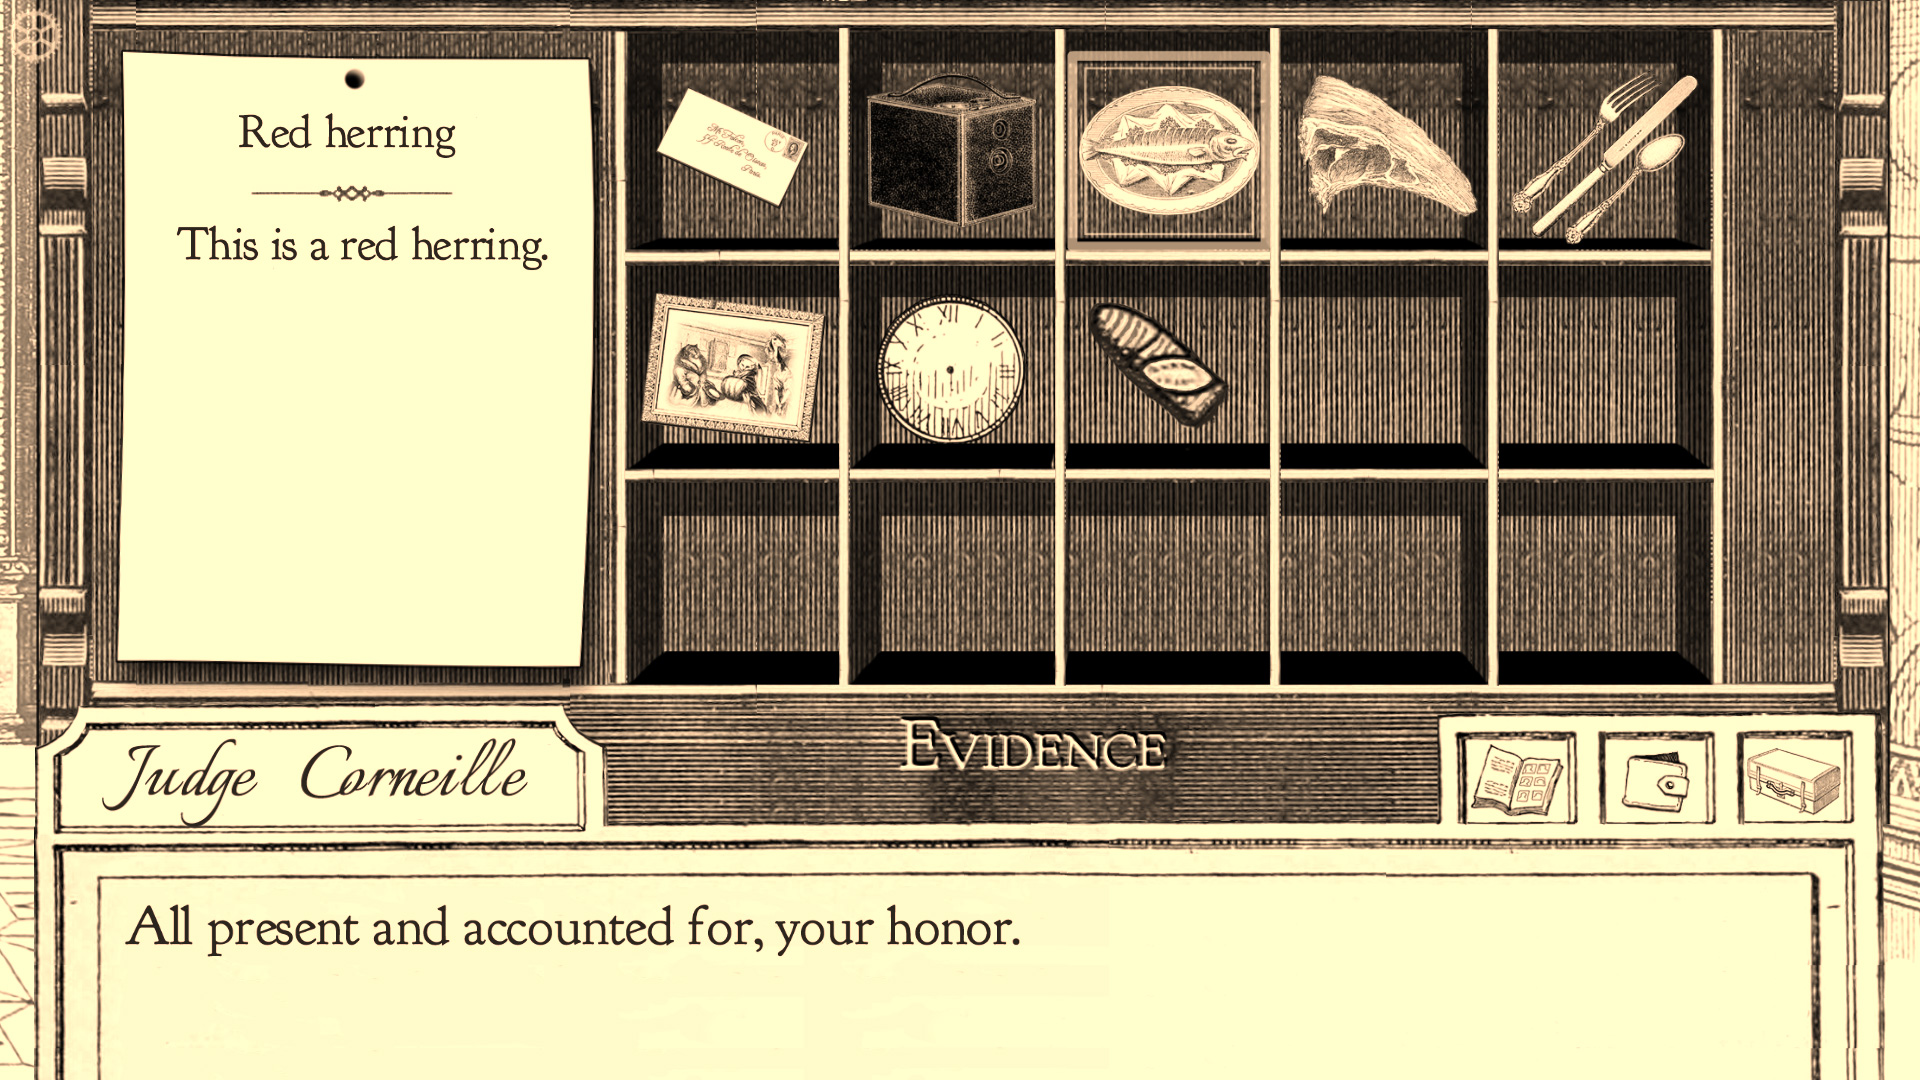 《逆转裁判》玩家应该很熟悉这个证据箱